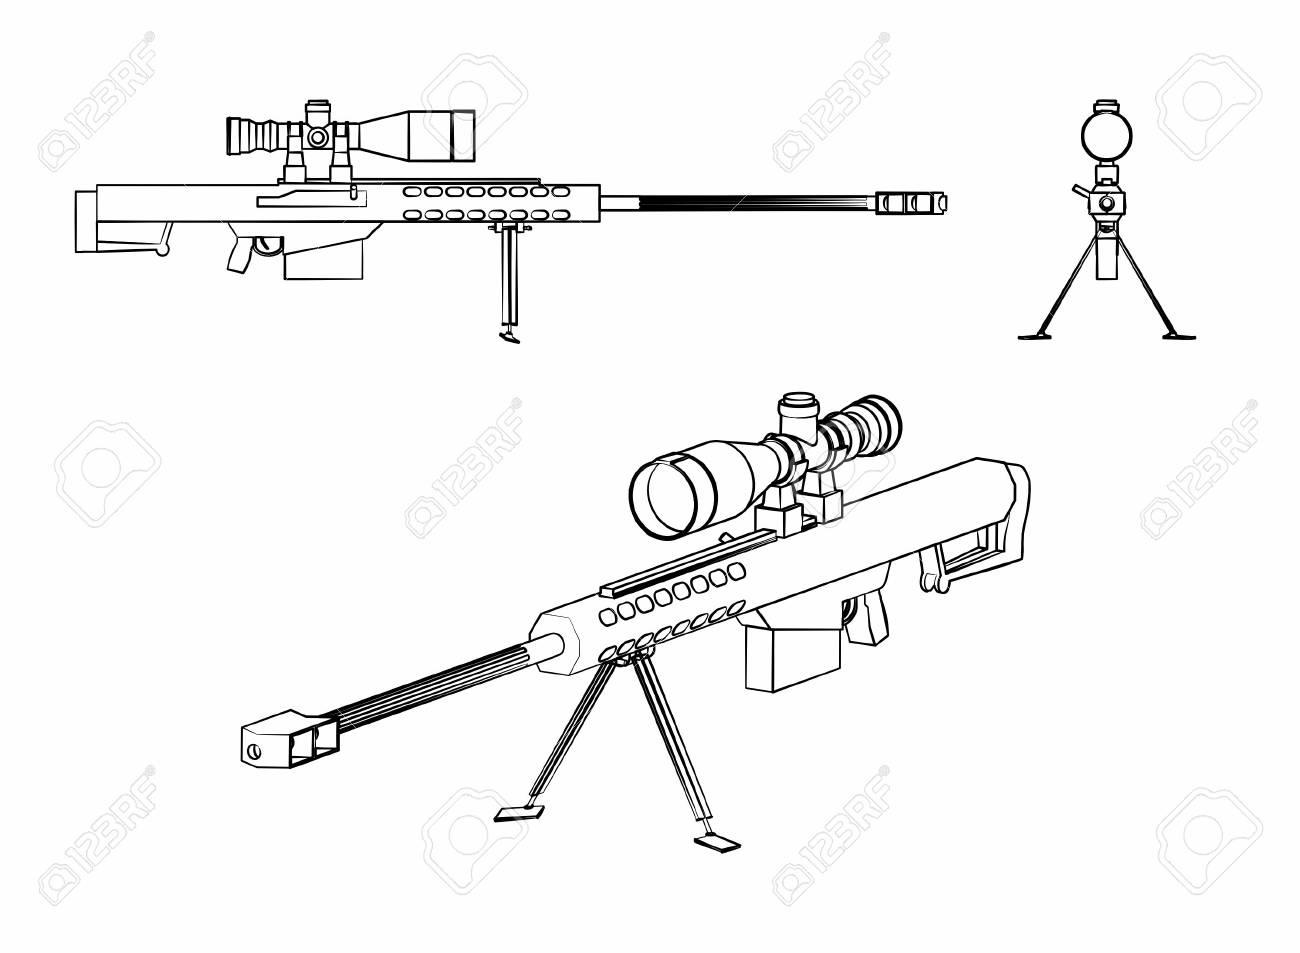 Sniper gun outline like brushstrokes - 105329402